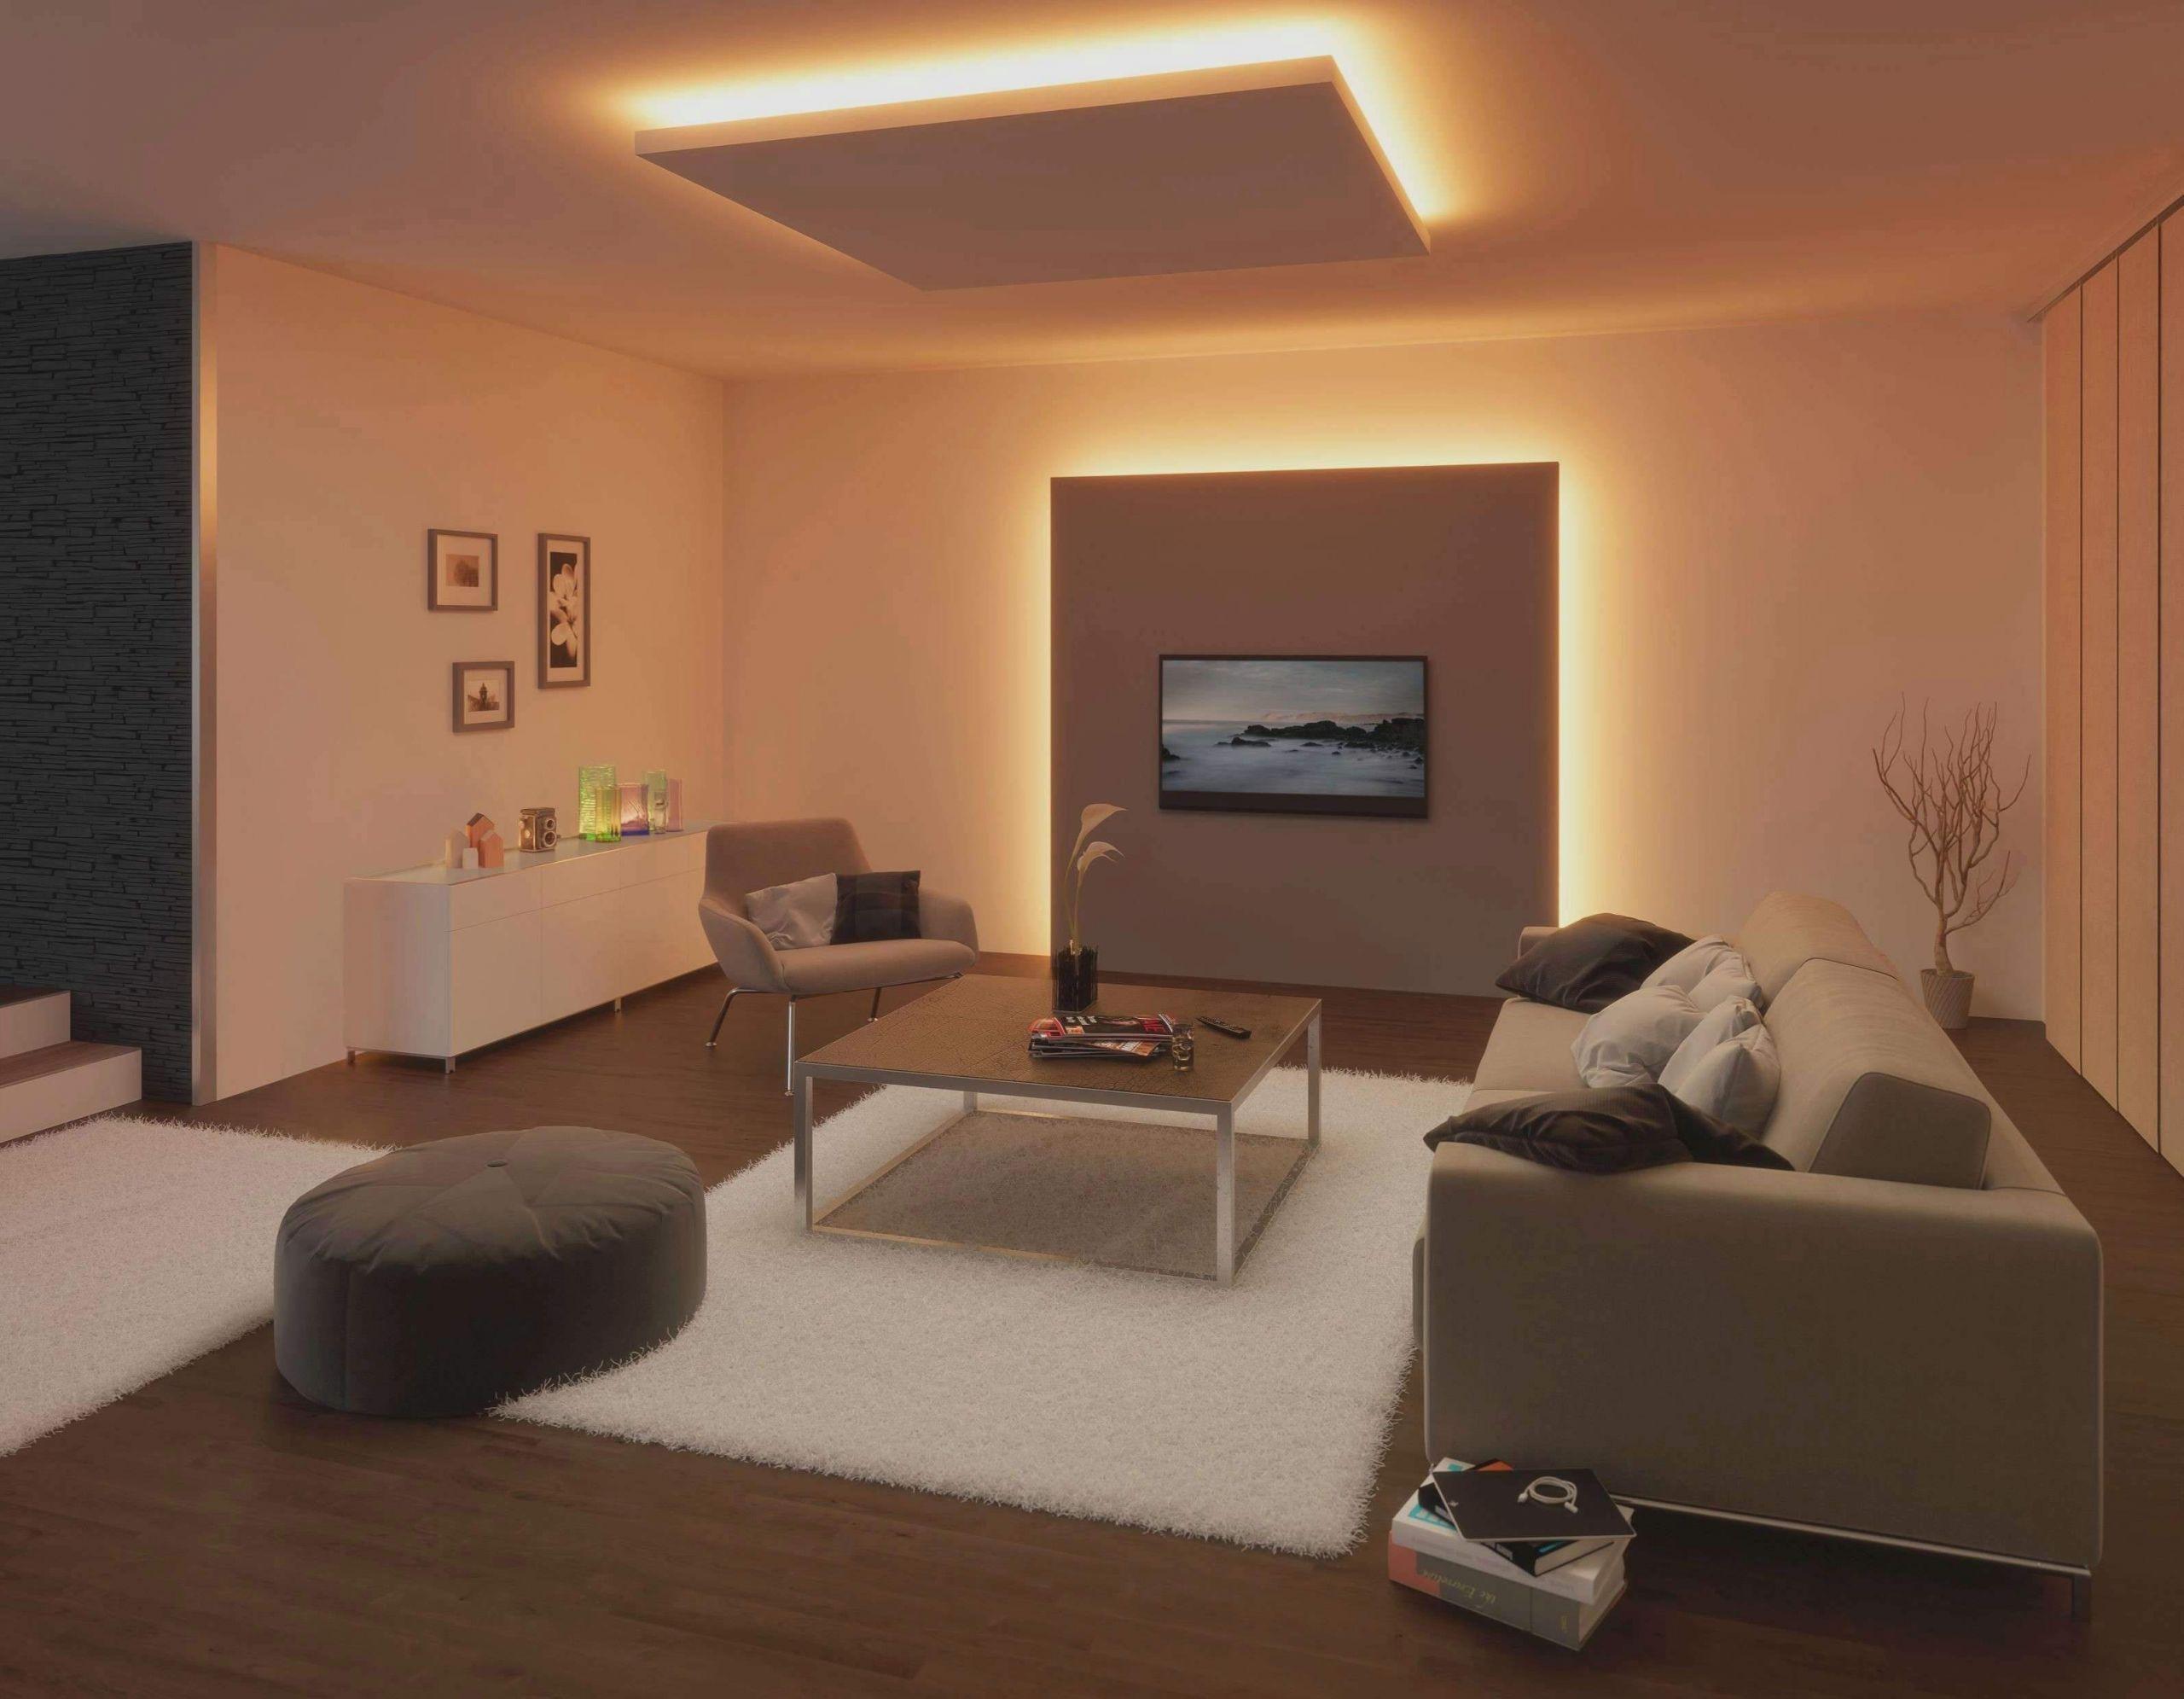 manner wohnzimmer ideen mit neu fussboden wohnzimmer ideen beste hausidee 24 und fussboden wohnzimmer ideen reizend 45 schon wandfarbe wohnzimmer modern ideen 073u of fussboden wohnzimmer ideen mit ma